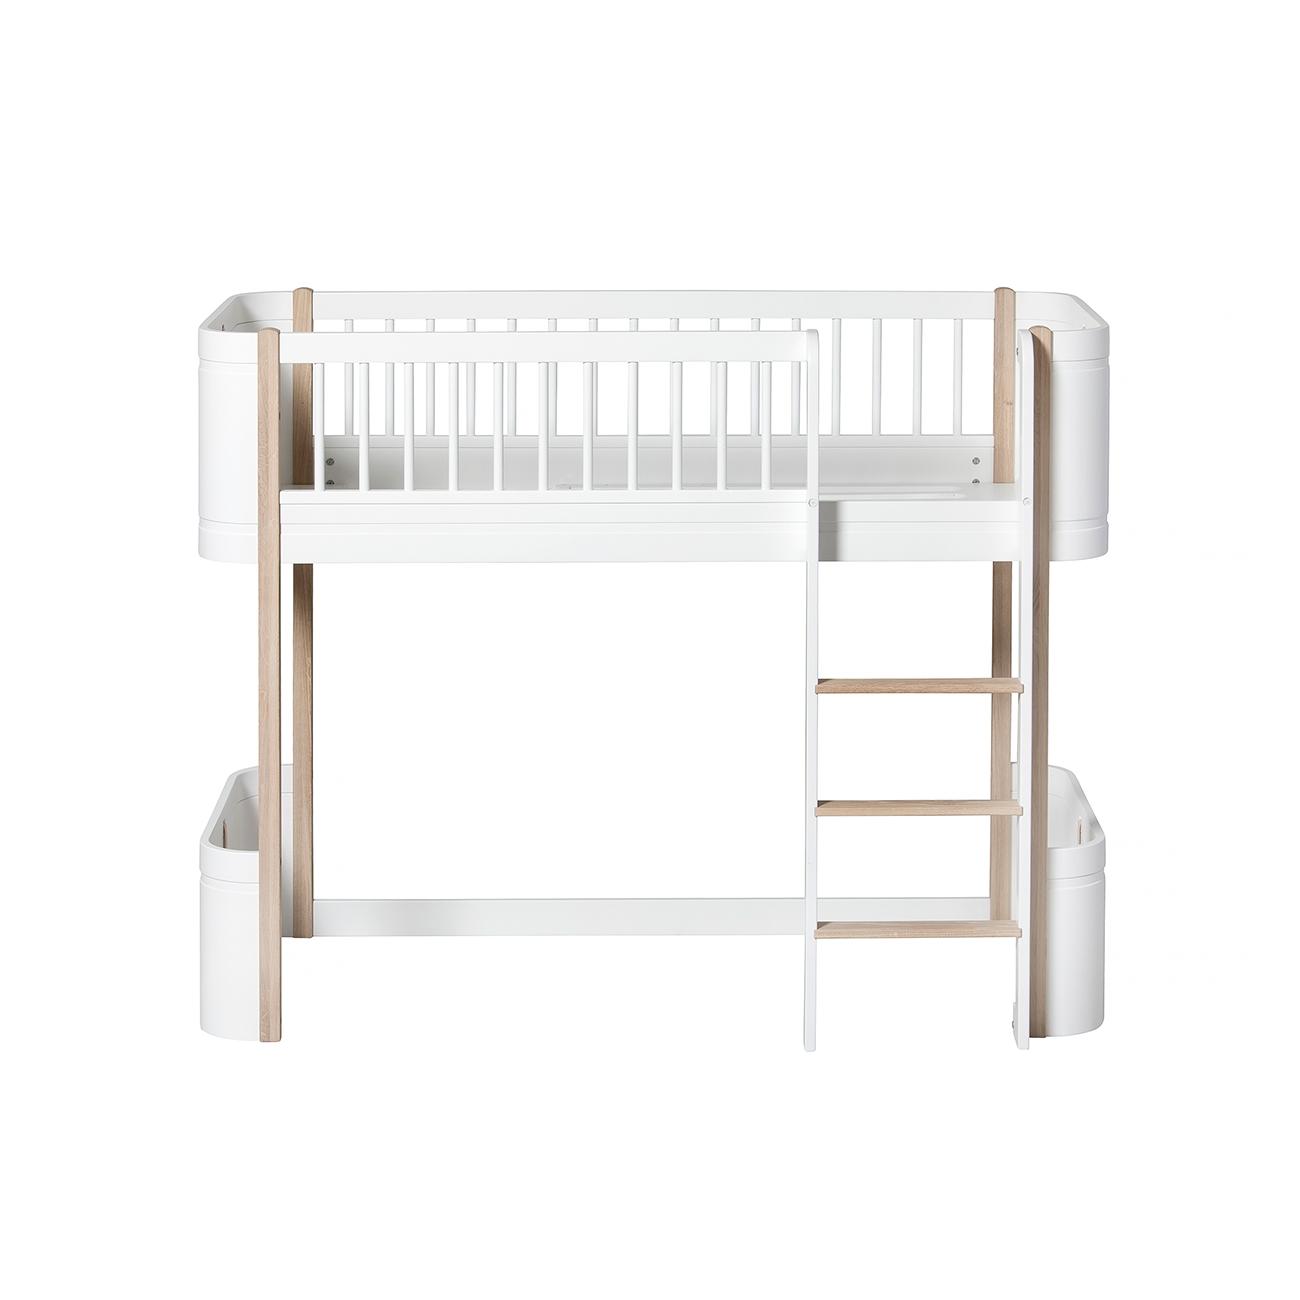 Loftsäng Wood Mini+ vit/ek, Oliver Furniture